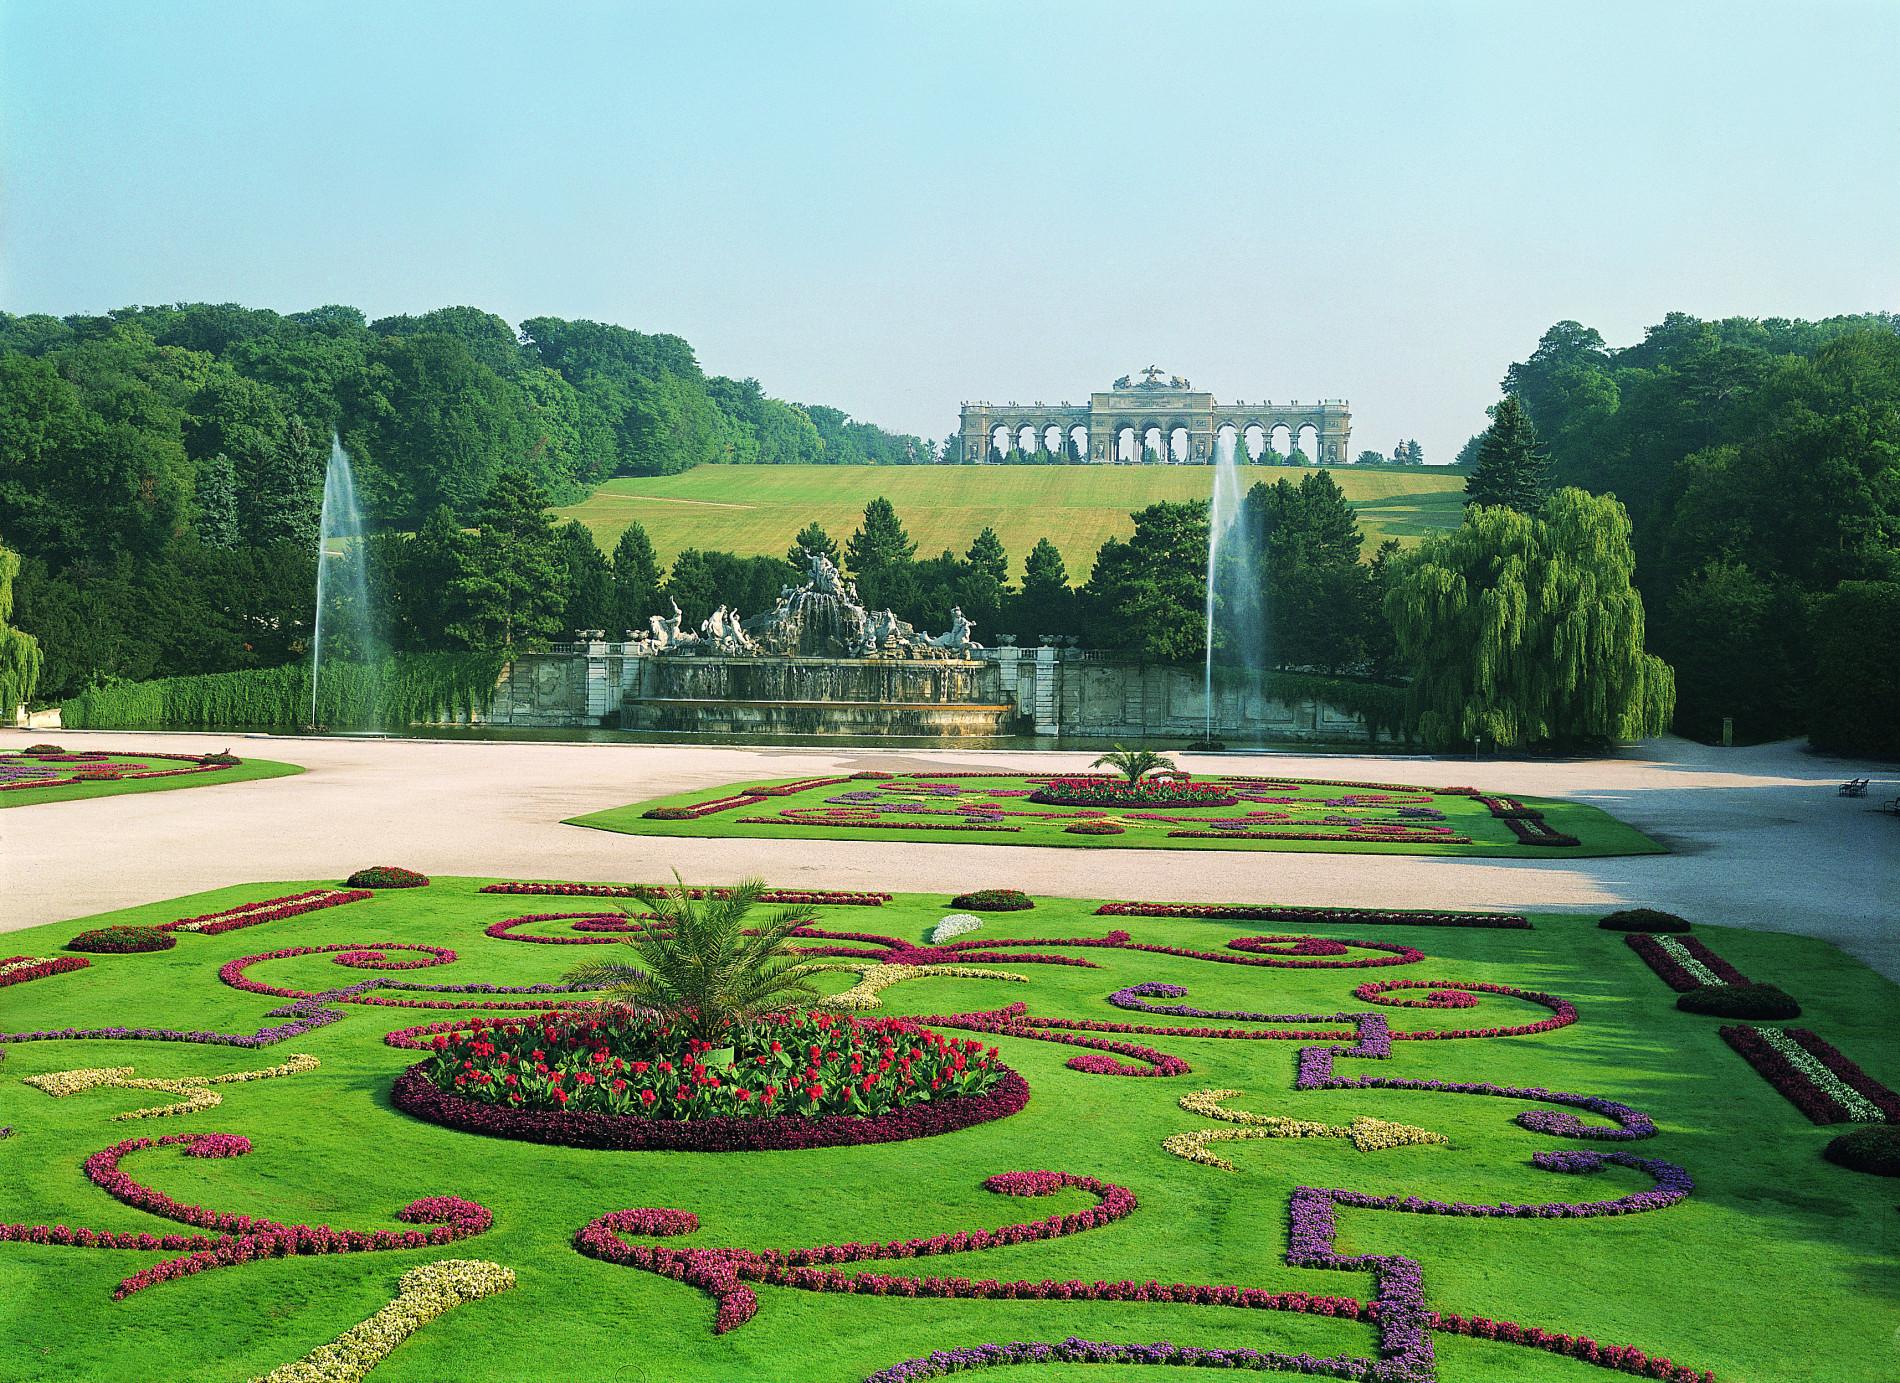 Wien Schönnbrunn Park